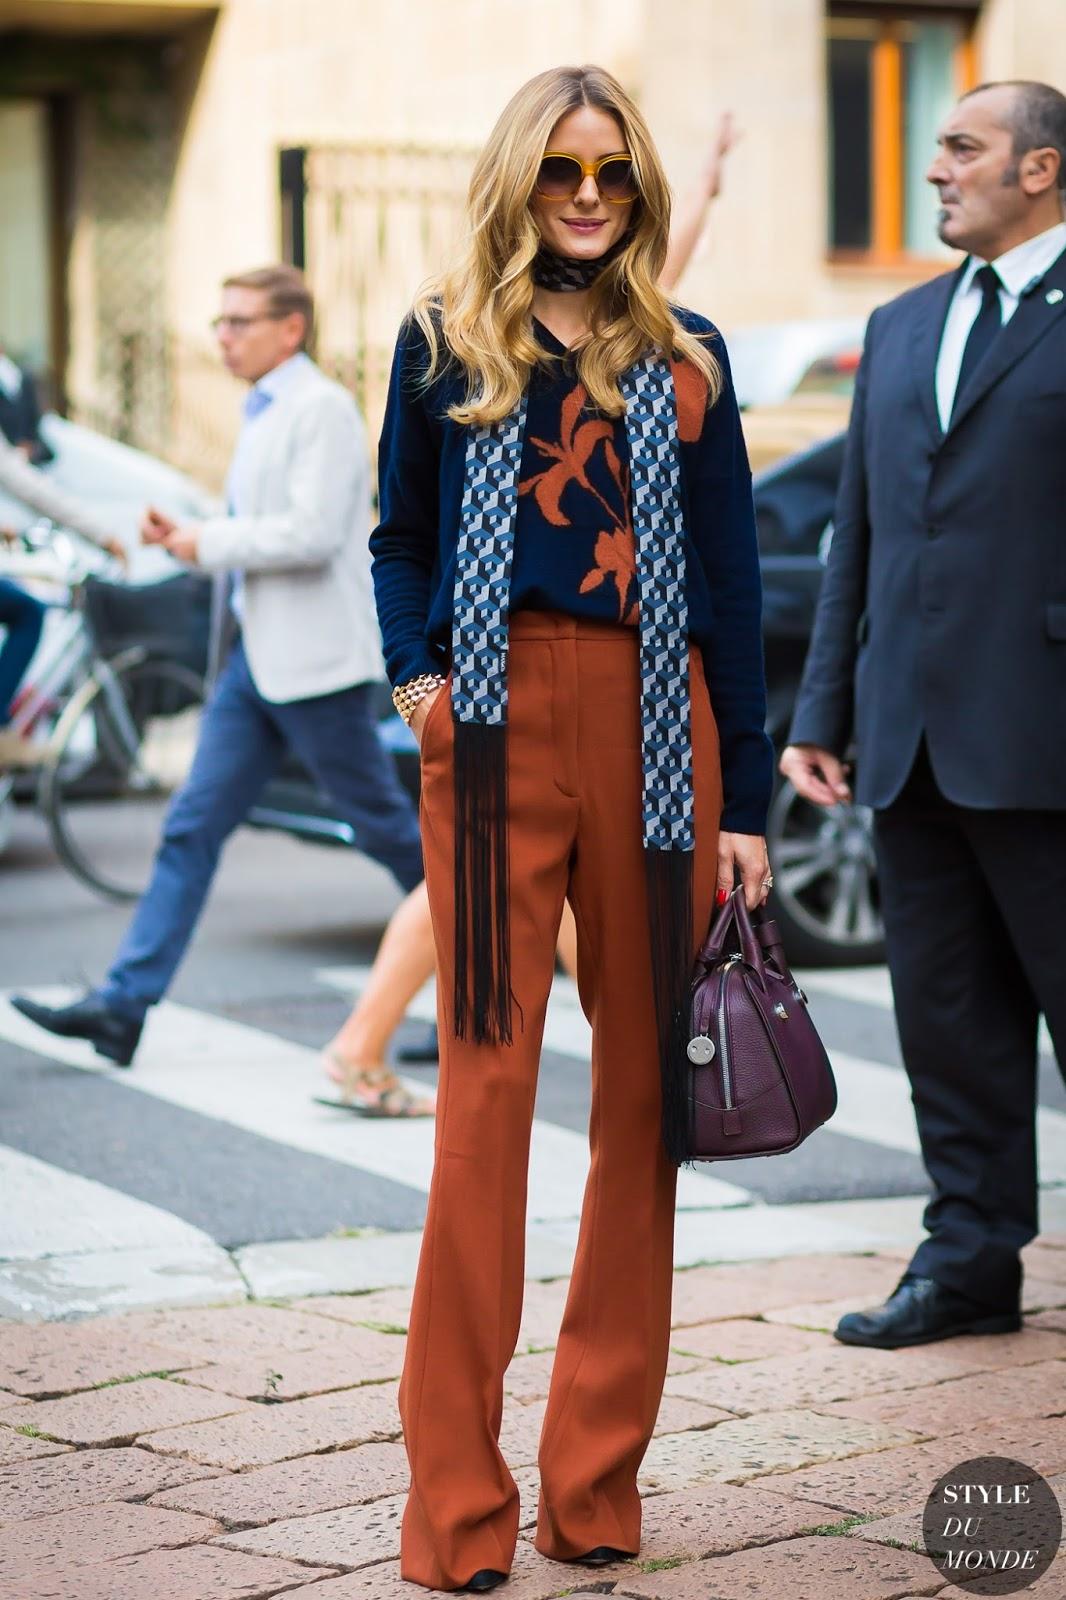 Moda ile Nasıl İnce Görünülür: 9 İpuçları